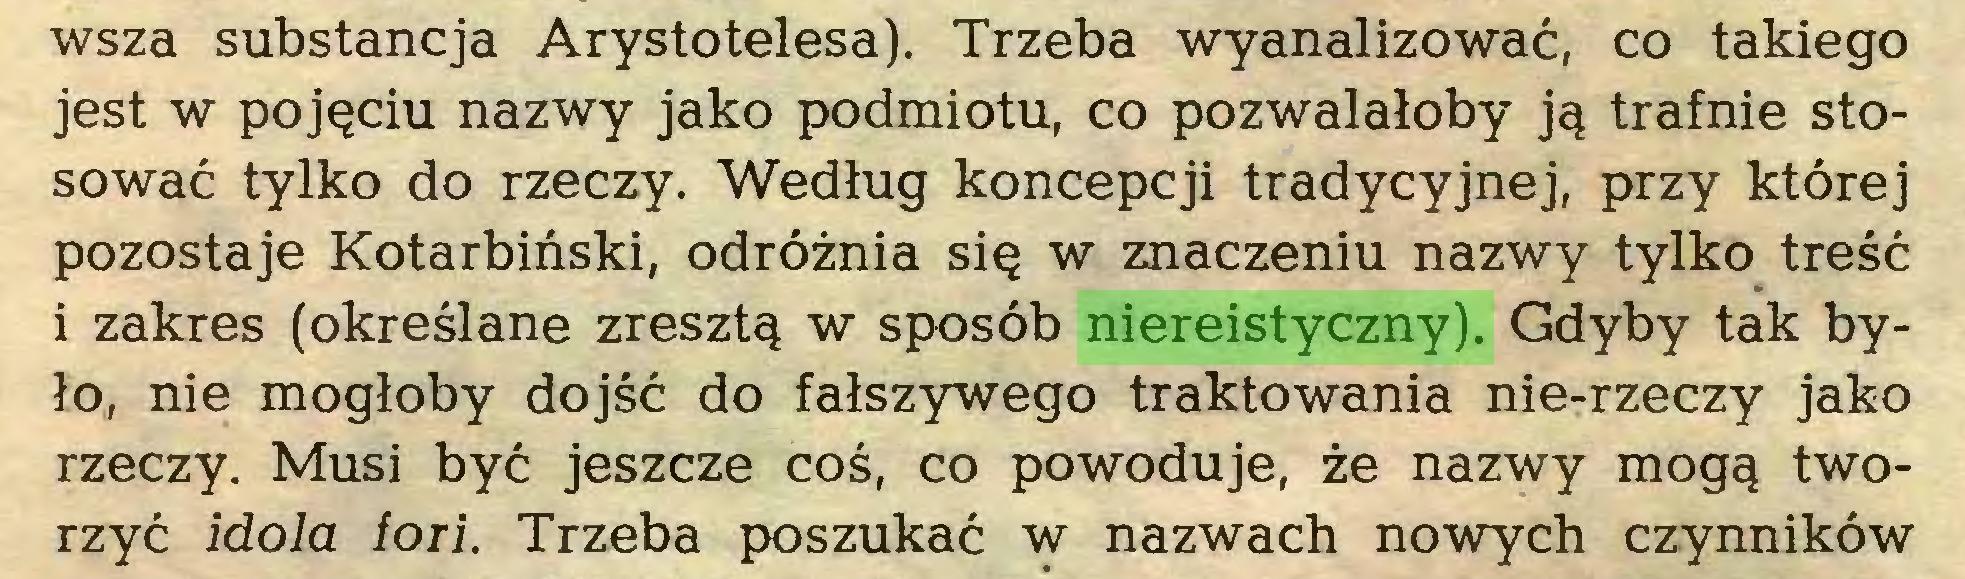 (...) wsza substancja Arystotelesa). Trzeba wyanalizować, co takiego jest w pojęciu nazwy jako podmiotu, co pozwalałoby ją trafnie stosować tylko do rzeczy. Według koncepcji tradycyjnej, przy której pozostaje Kotarbiński, odróżnia się w znaczeniu nazwy tylko treść i zakres (określane zresztą w sposób niereistyczny). Gdyby tak było, nie mogłoby dojść do fałszywego traktowania nie-rzeczy jako rzeczy. Musi być jeszcze coś, co powoduje, że nazwy mogą tworzyć idola ioii. Trzeba poszukać w nazwach nowych czynników...